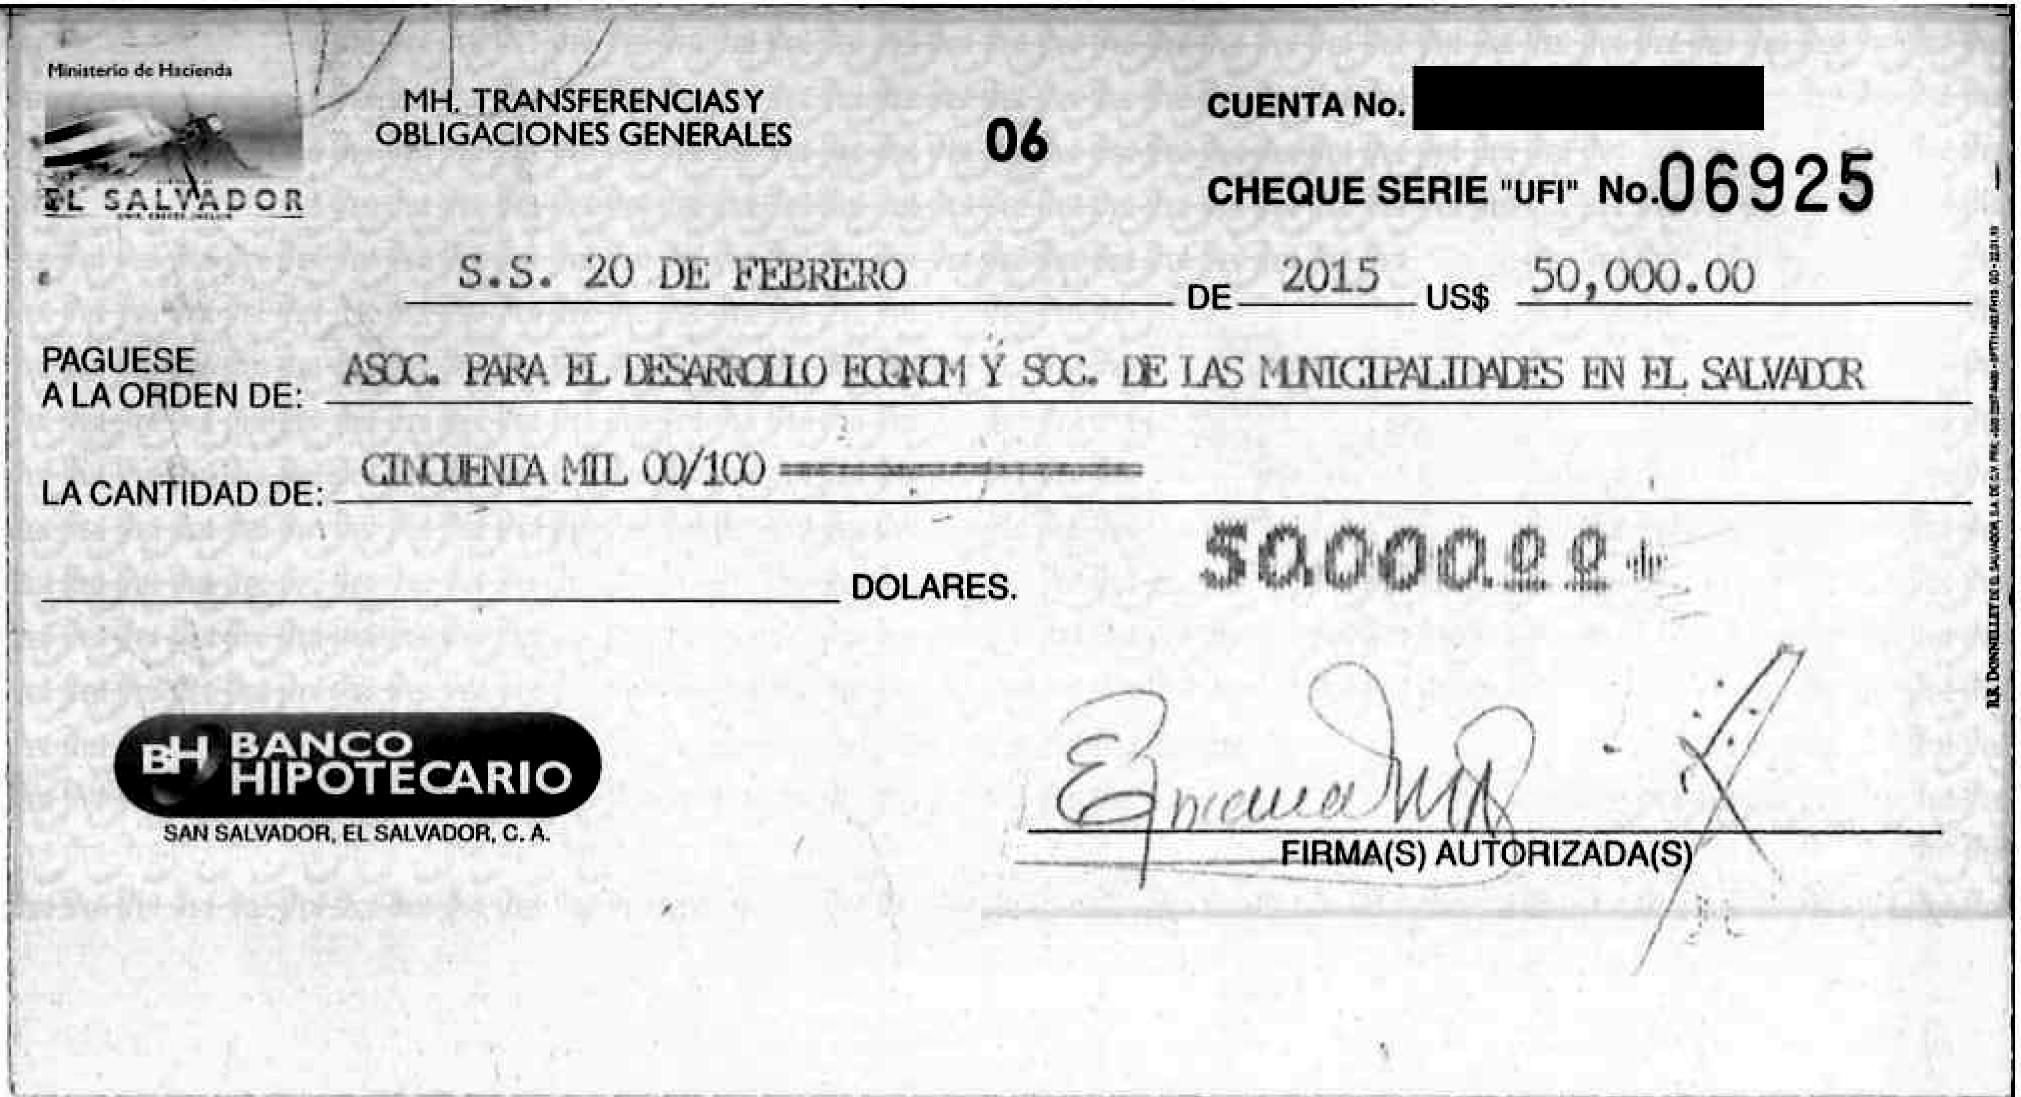 El segundo cheque para la asociación fundada por la esposa del diputado Gallegos también fue entregado a la actual presidenta de la junta directiva de Apdemes, Ana Dolly Valiente, asesora del diputado Gallegos. Fuente: cheque entregado por el Ministerio de Hacienda a través de la ley de acceso a la información pública.